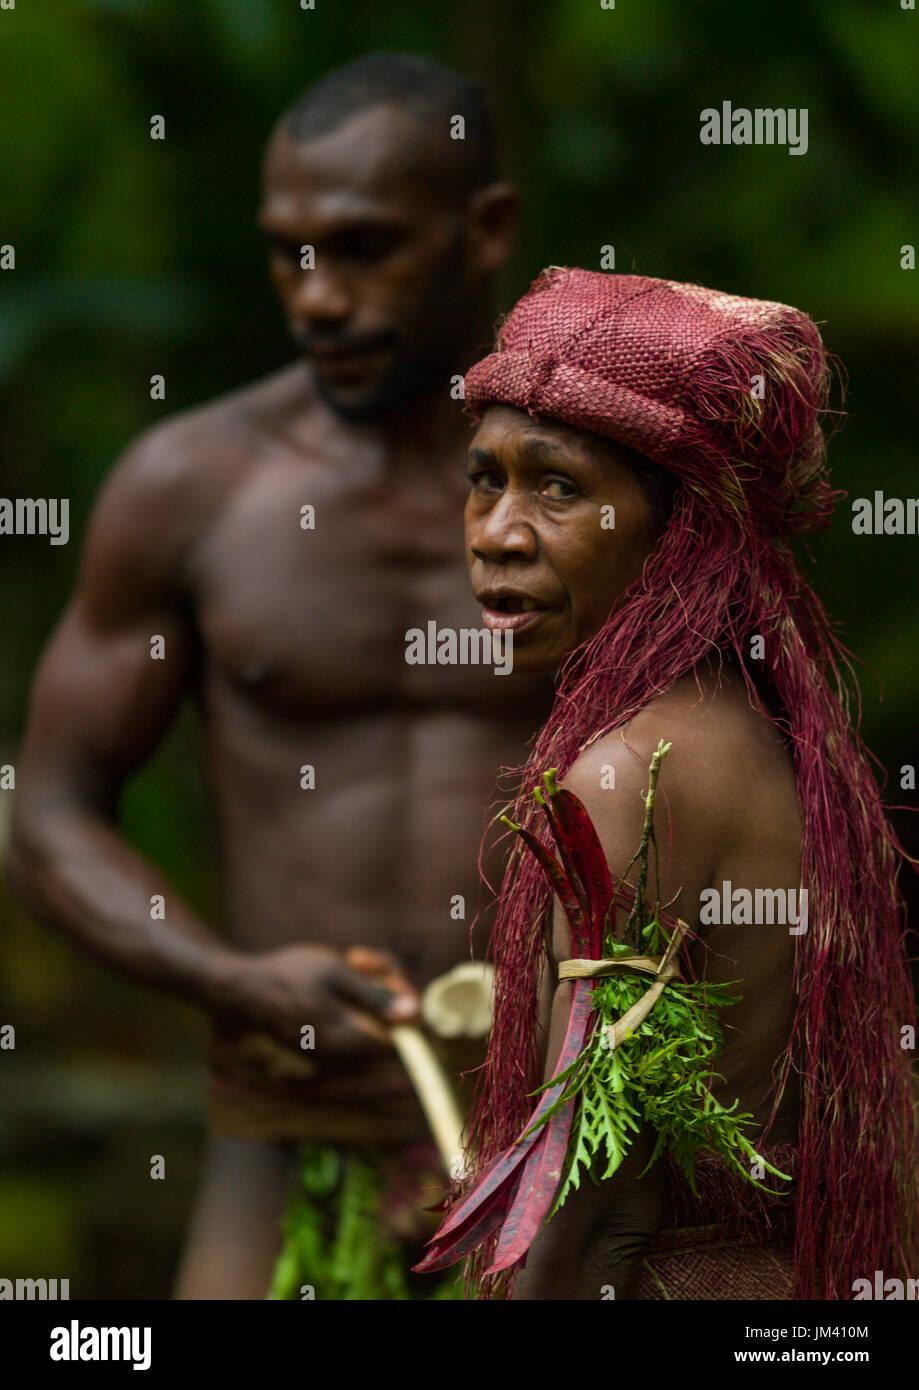 Big Nambas tribe old woman, Malampa Province, Malekula Island, Vanuatu - Stock Image